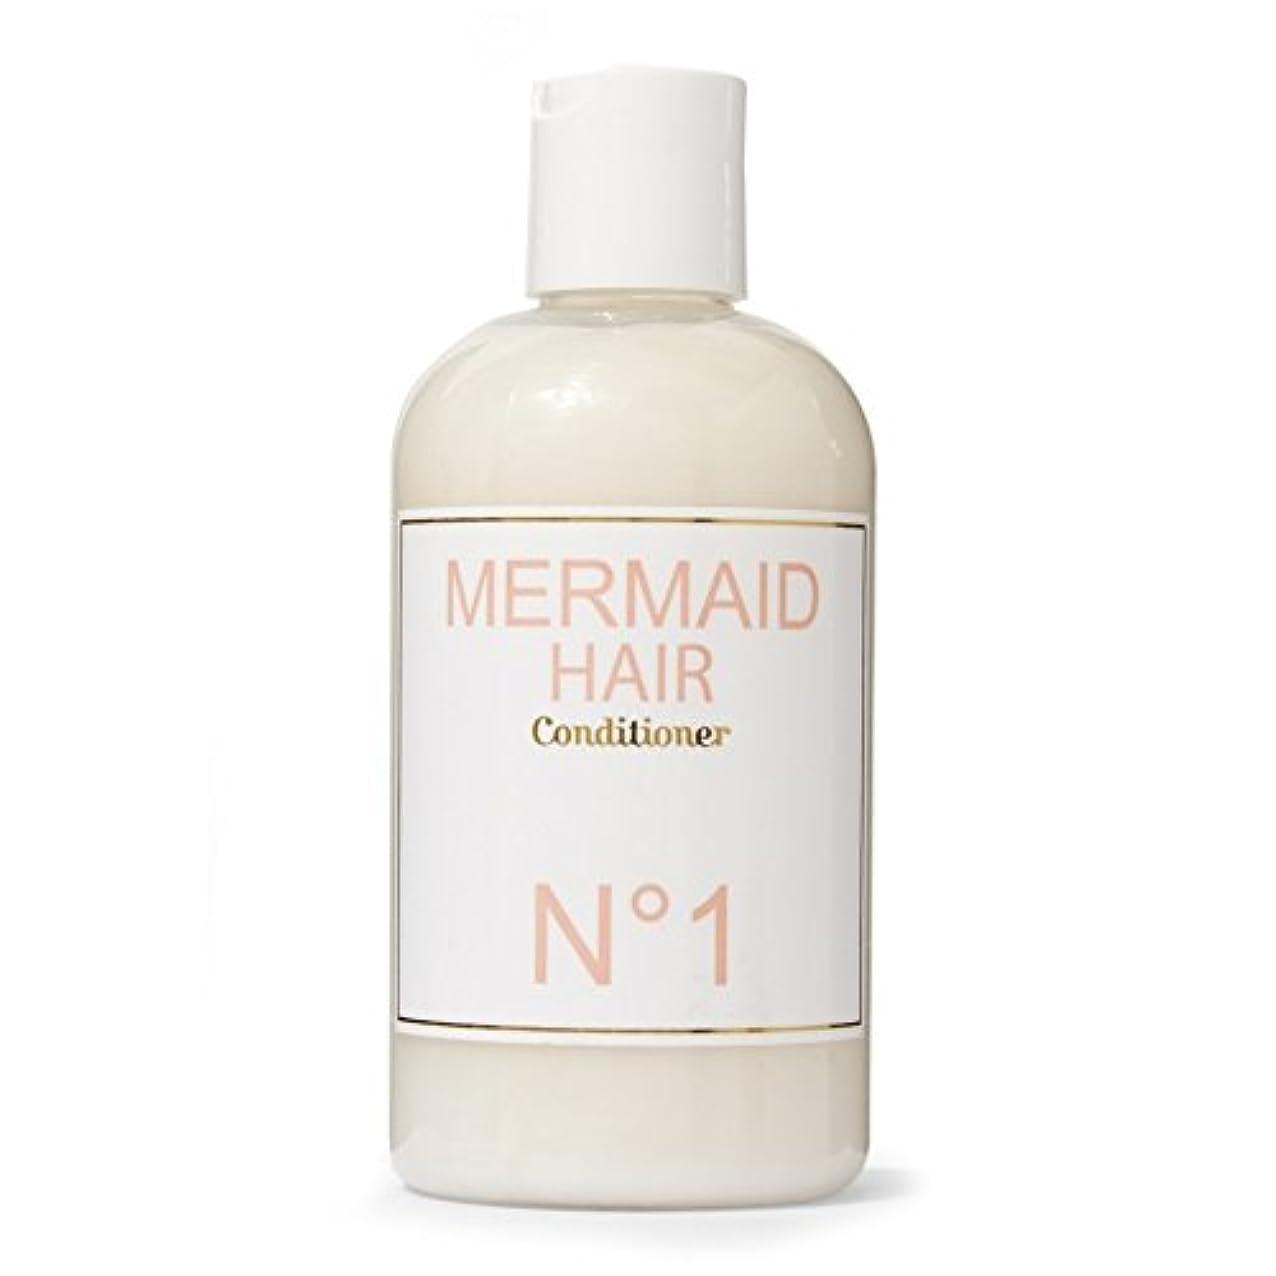 フェッチ休憩する接辞Mermaid Perfume Mermaid Conditioner 300ml (Pack of 6) - 人魚香水人魚コンディショナー300ミリリットル x6 [並行輸入品]